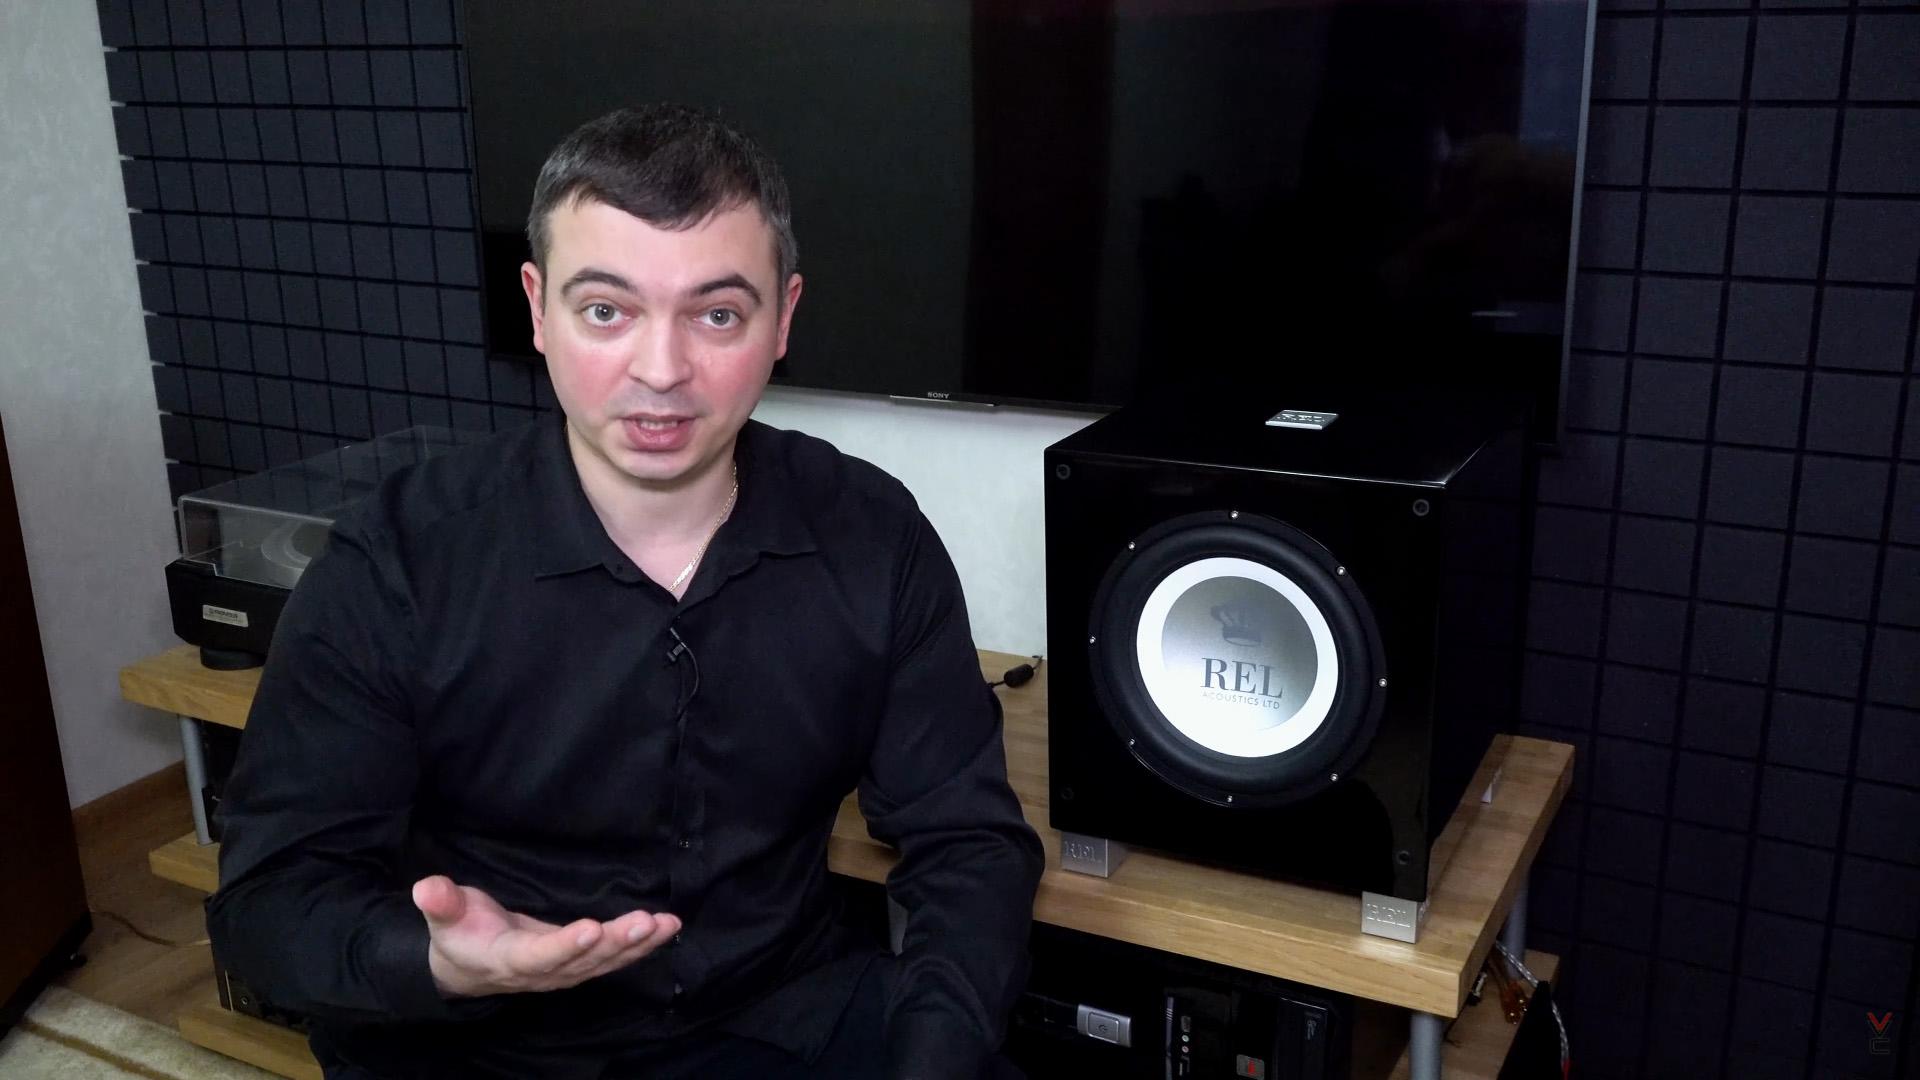 Купил музыкальный сабвуфер: Valeron стал обладателем REL T/9i